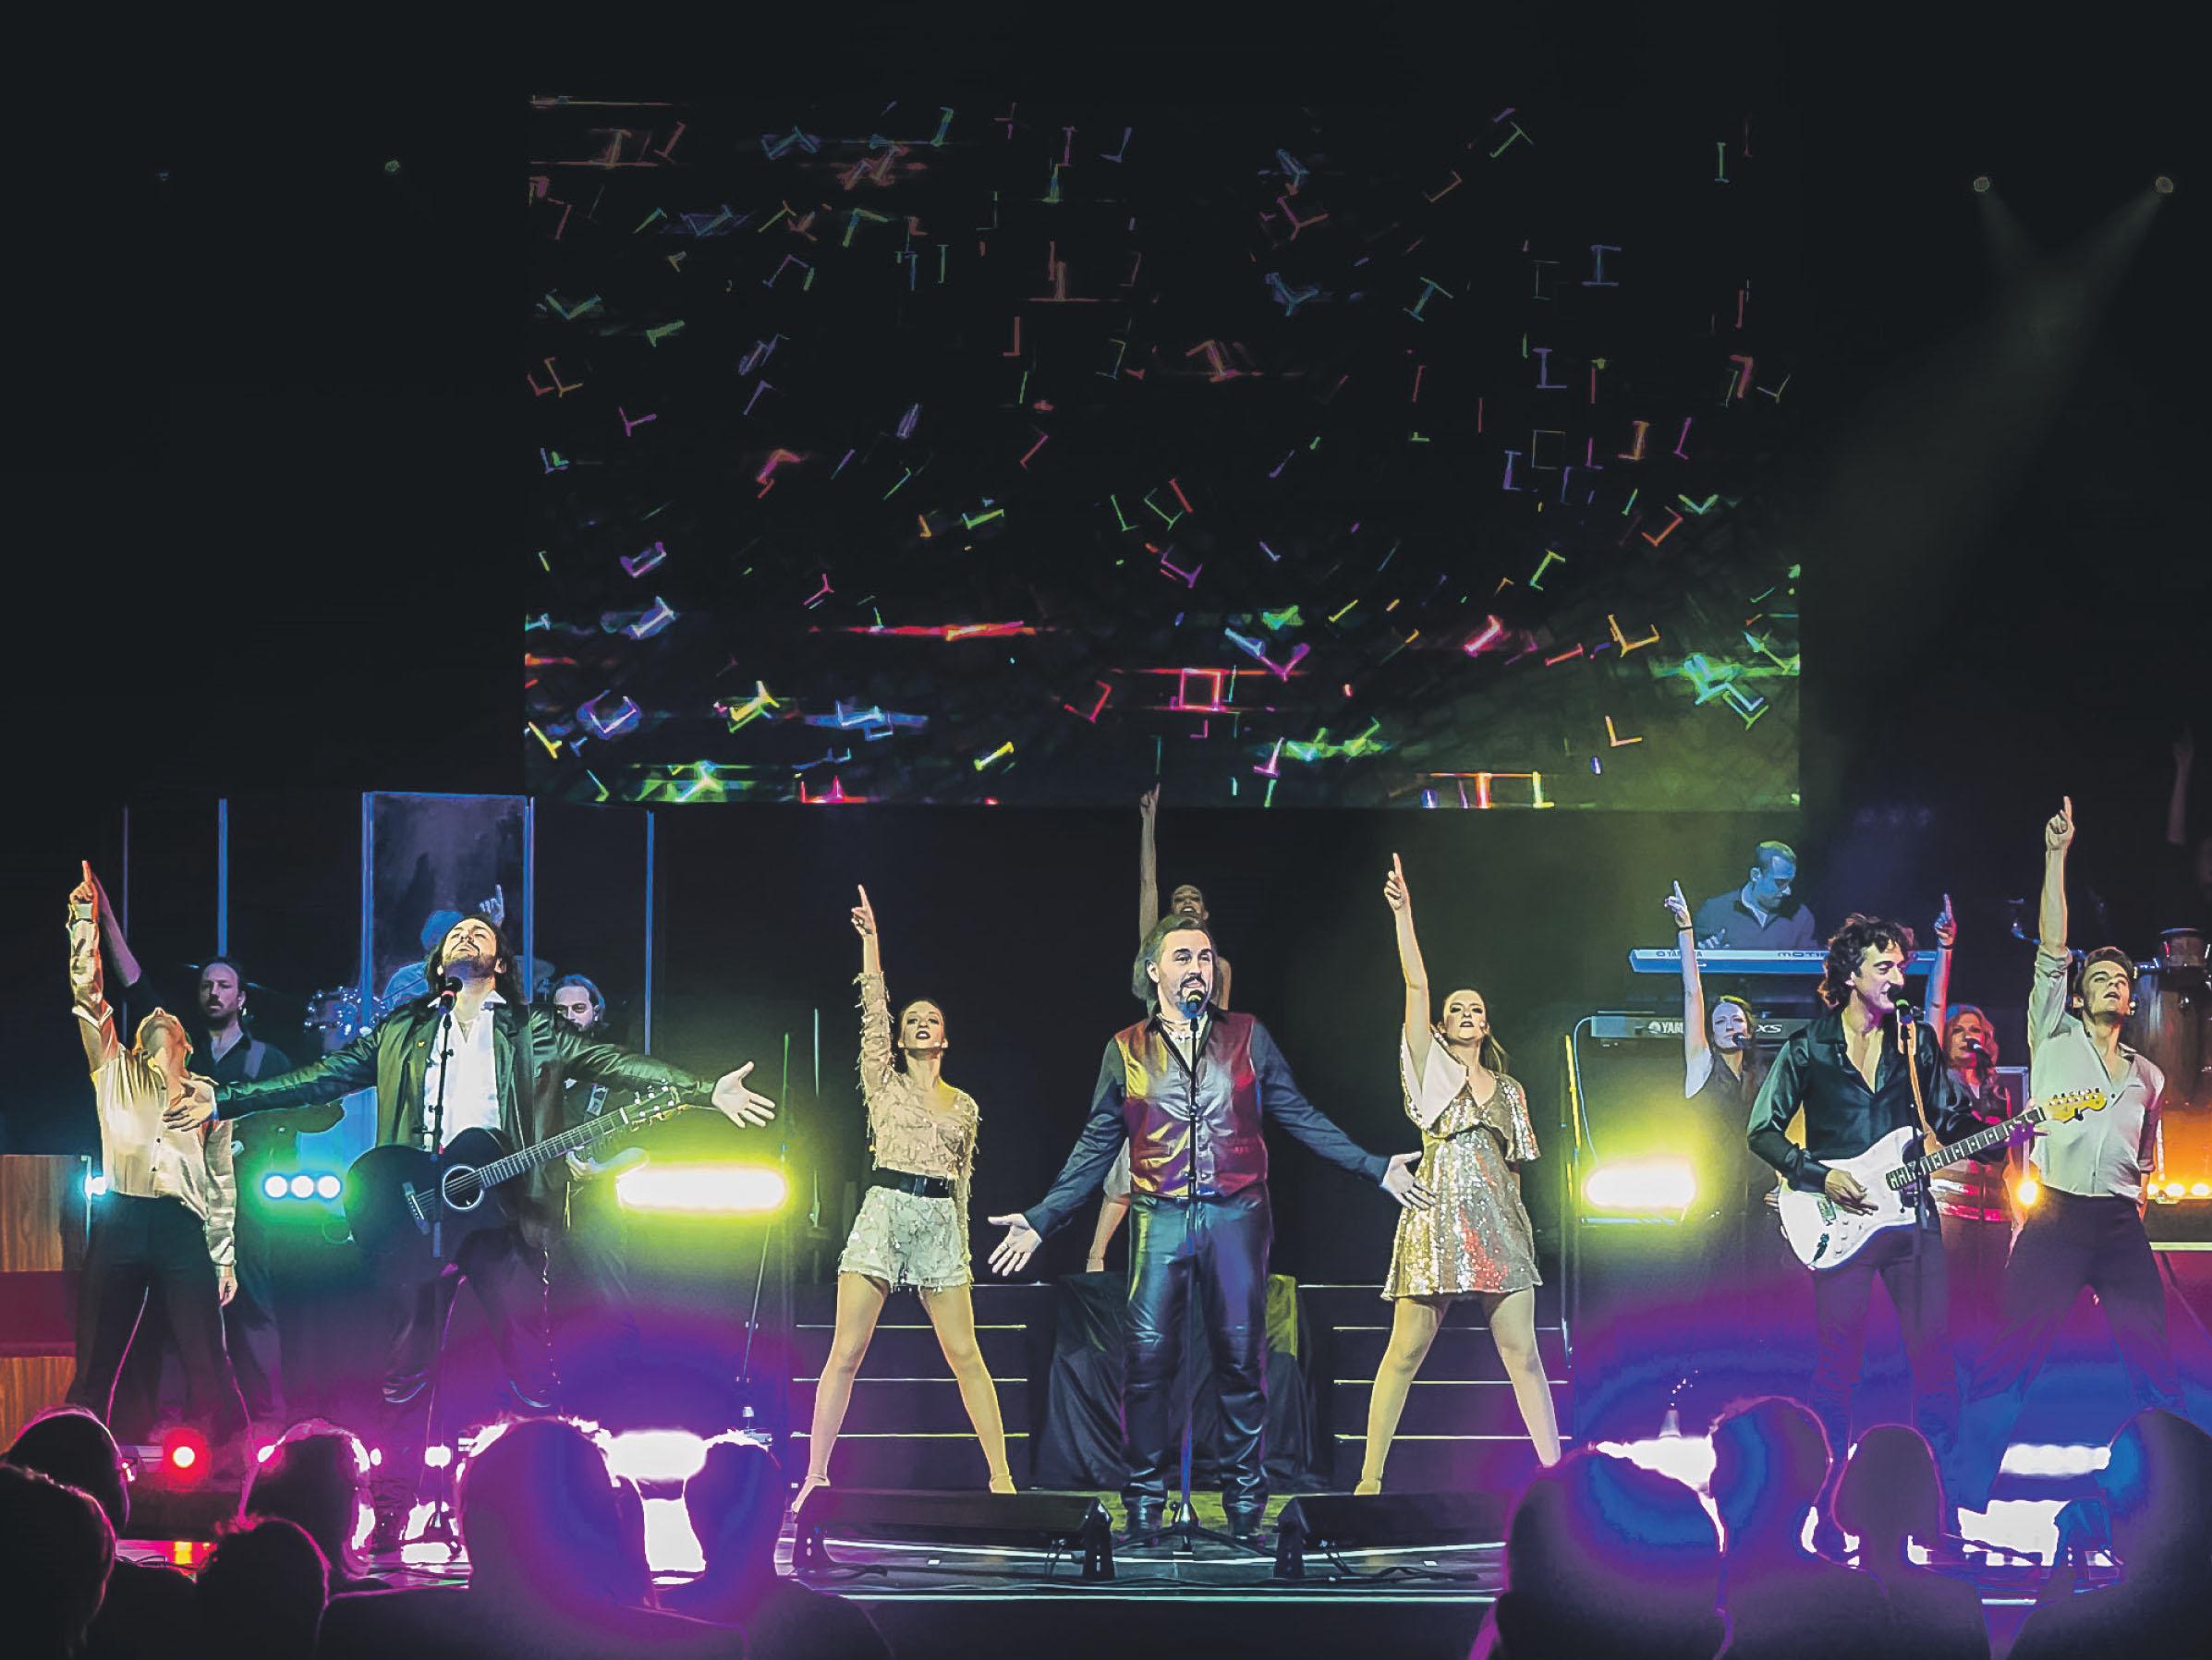 Eine mitreißende Performance versprechen die Sänger und Musiker im Bee Gees Musical